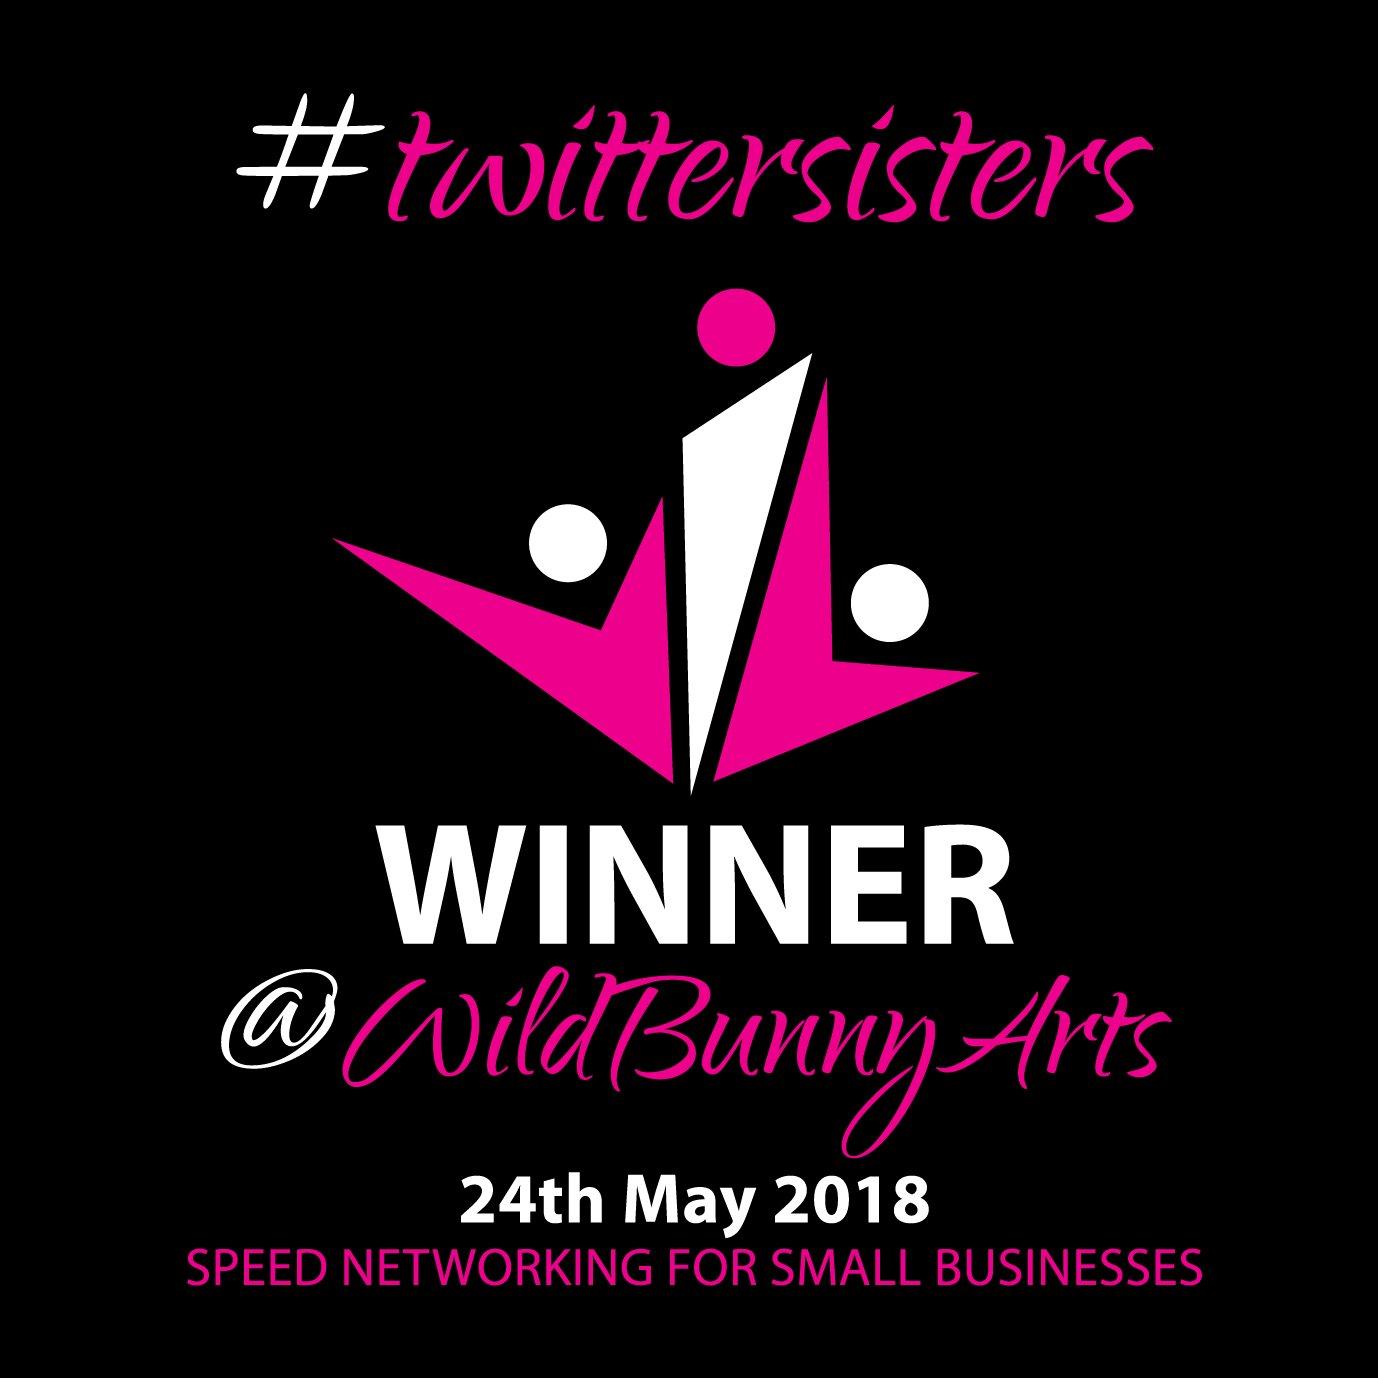 #Twittersisters winner